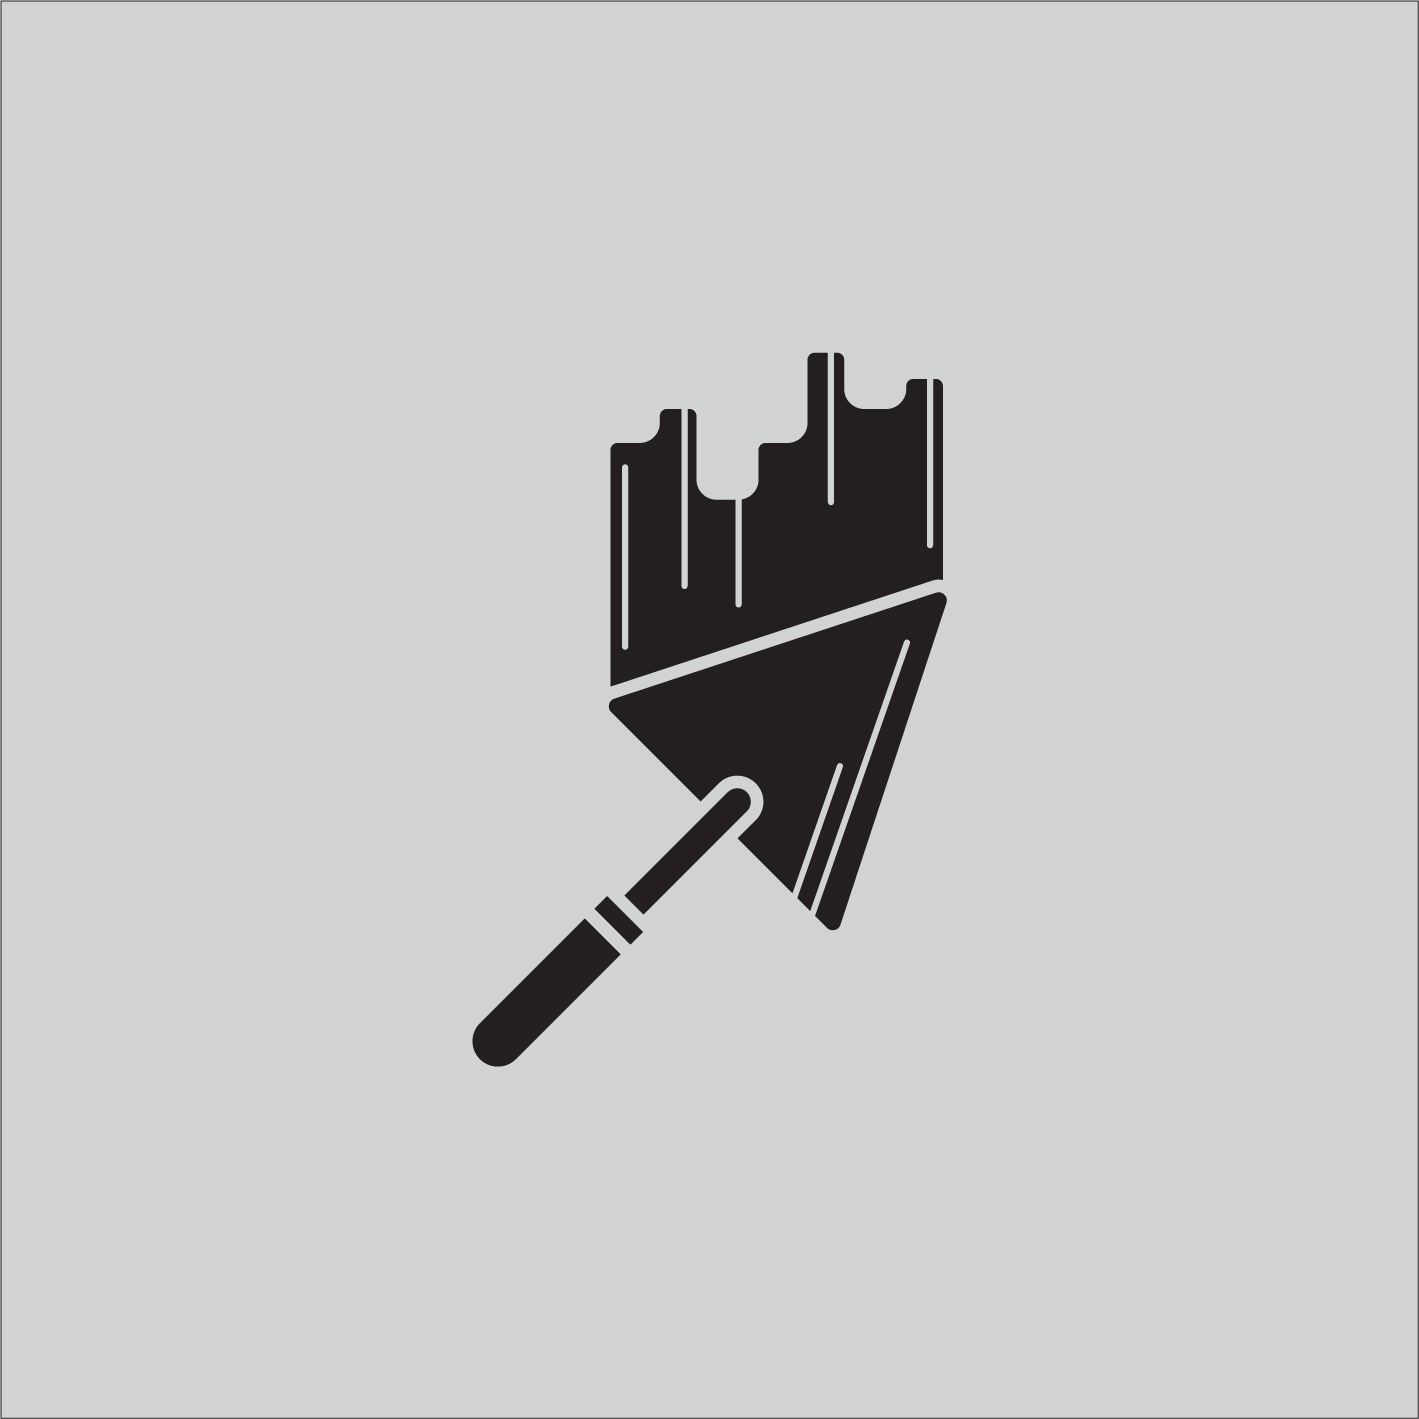 Bloco Vazado de Concreto - Concreto São Paulo